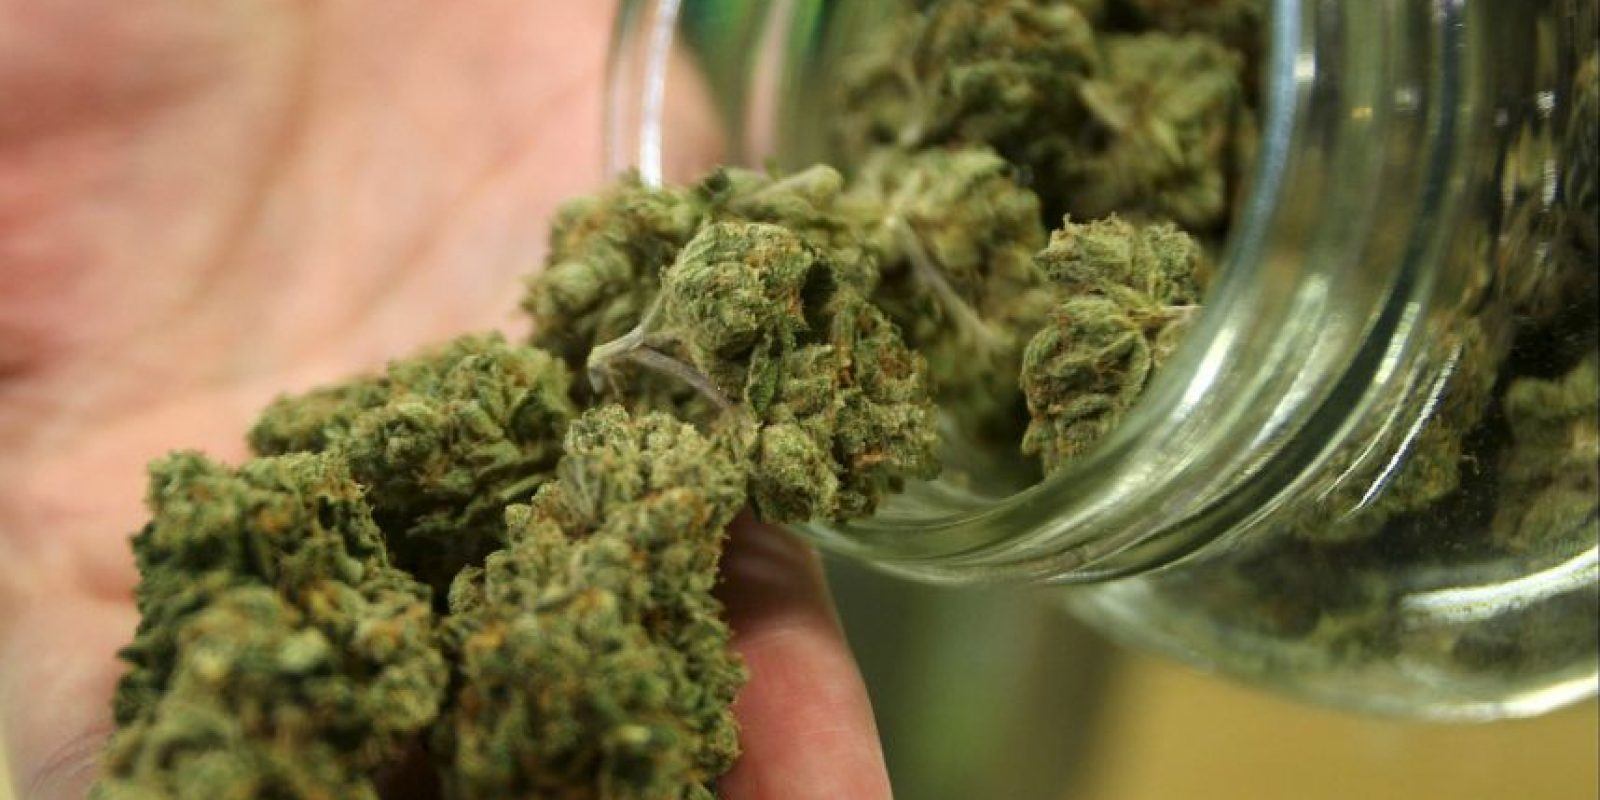 Vancouver comenzará a regularizar los comercios de marihuana. Foto:Getty Images